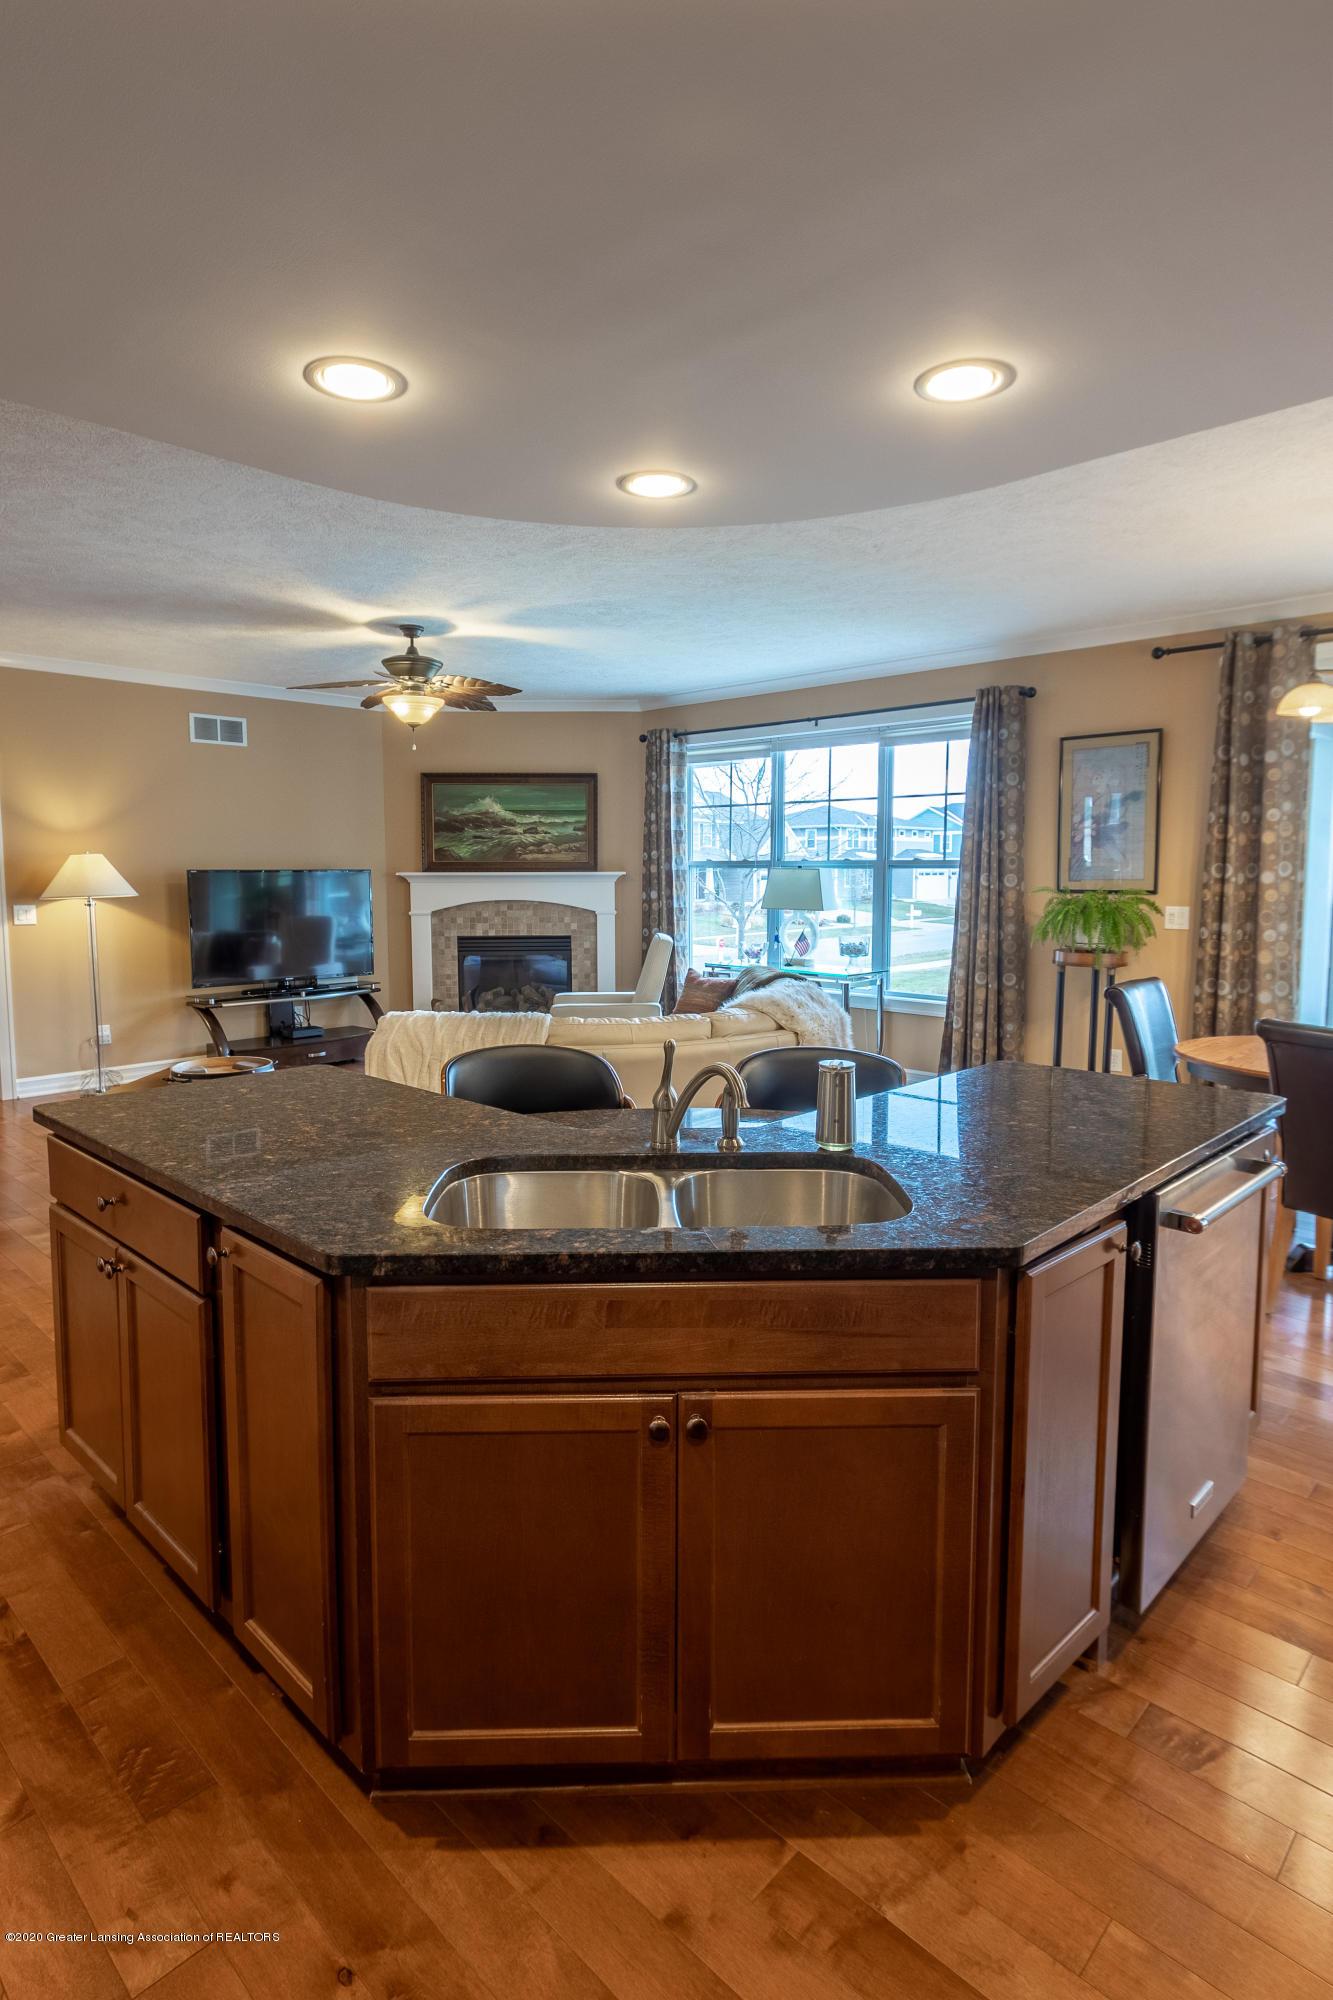 3852 Zaharas Ln - Kitchen into Living Room - 26